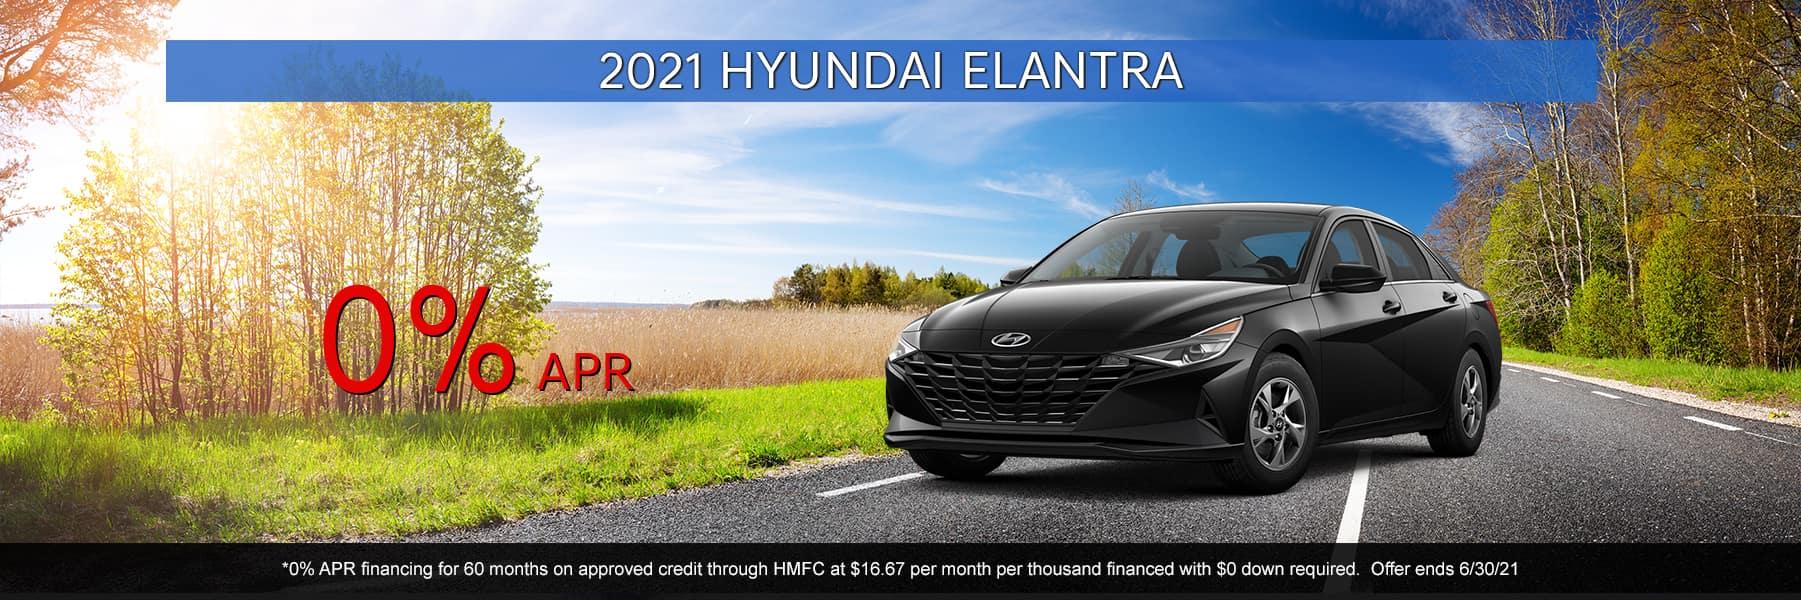 2021-Hyundai-Elantra-Jun21